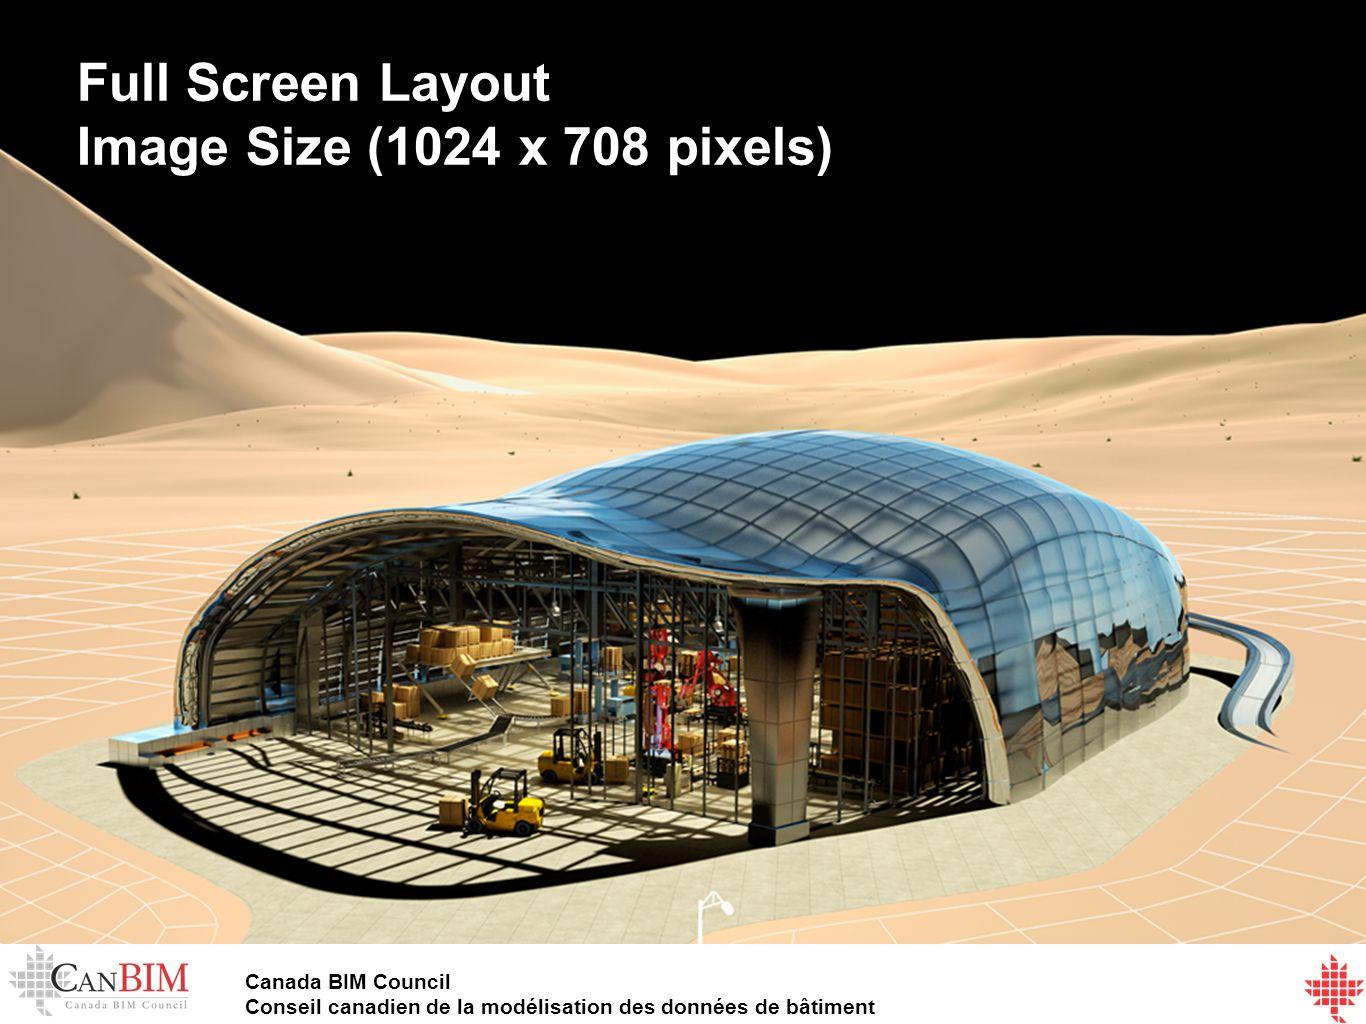 Canada BIM Council Conseil canadien de la modélisation des données de bâtiment Full Screen Layout Image Size (1024 x 708 pixels)